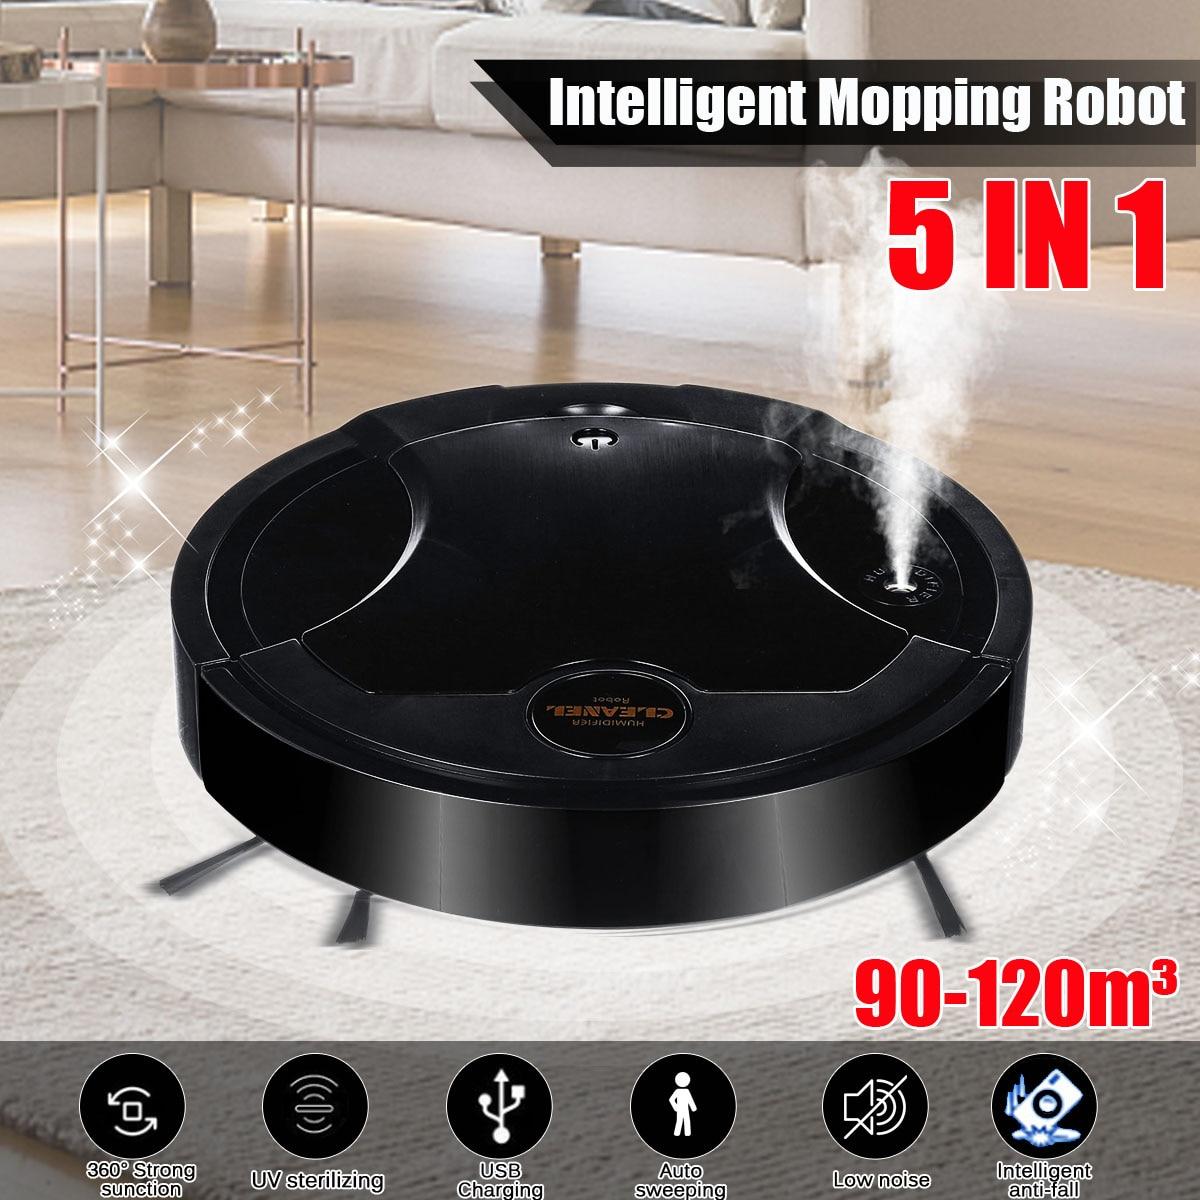 50 Вт 5-в-1 интеллигентая (ый) робот для уборки хозяйственный спрей ультрафиолетового зарядка подметальная пылесосить уборка